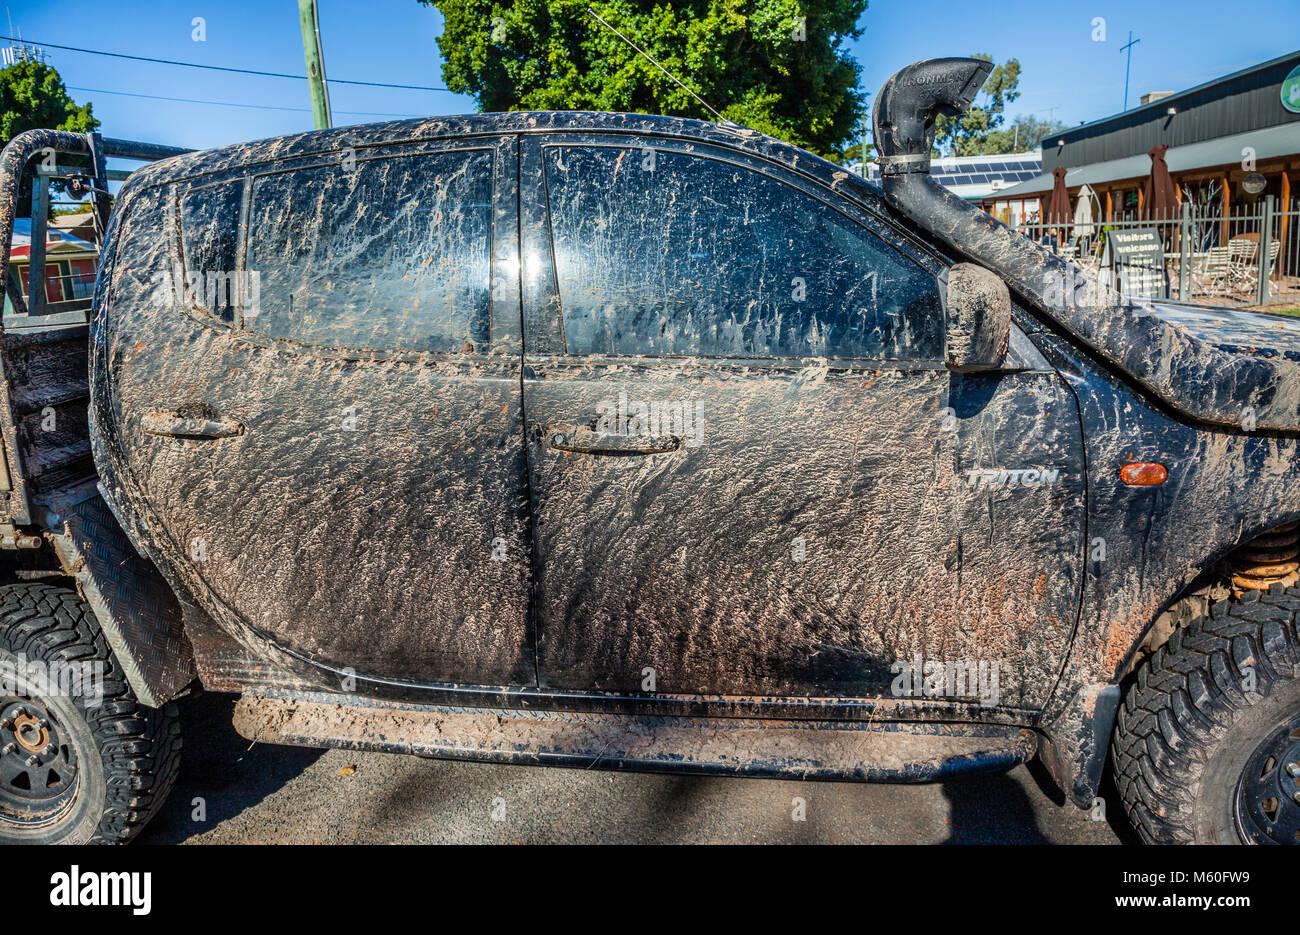 L'Australie, le nord-ouest de la Nouvelle-Galles du Sud, Bourke, boue vovered 4X4 après quelques voyages Photo Stock